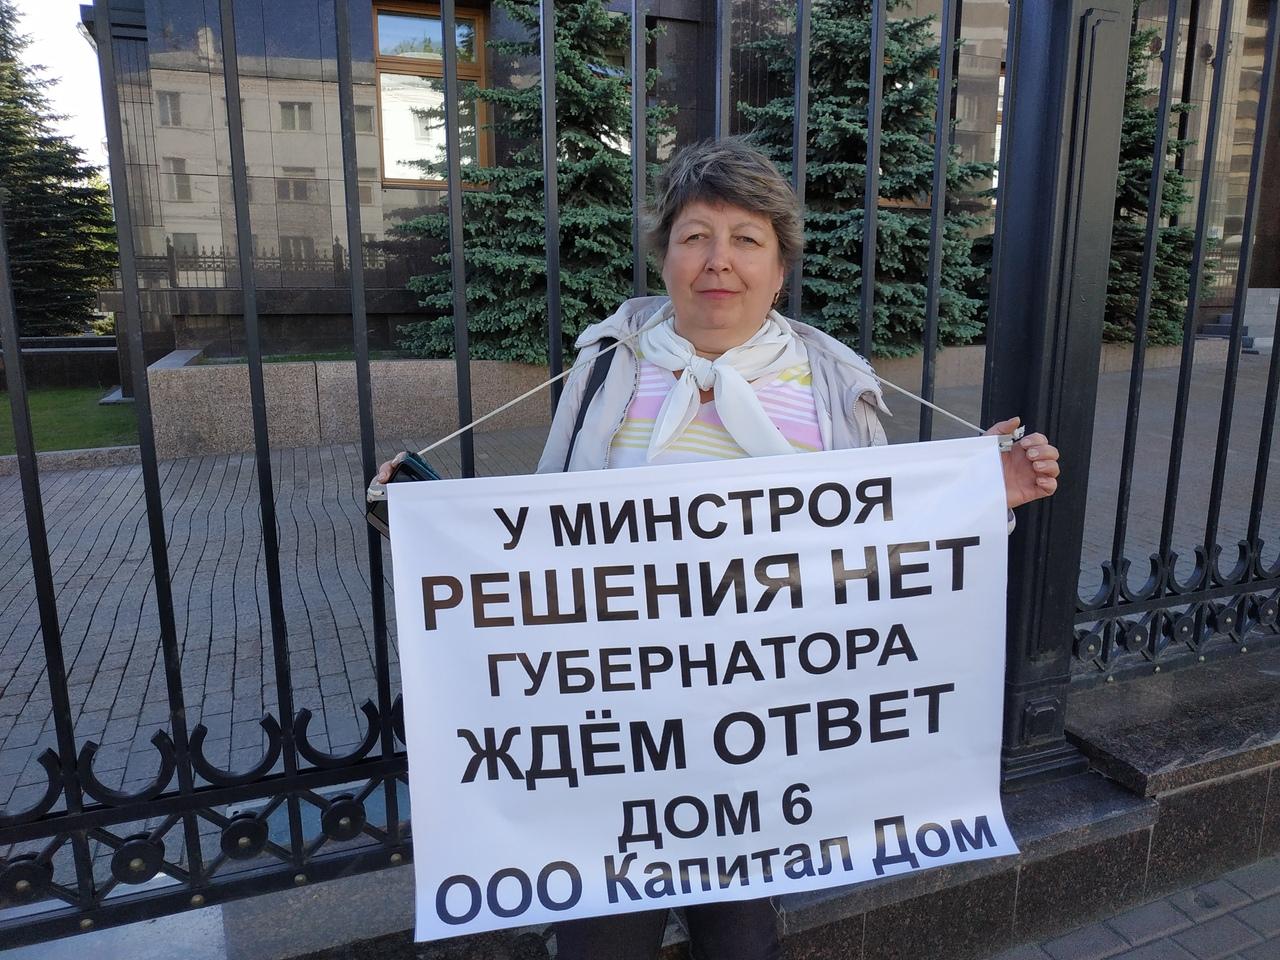 Обманутые дольщики вновь организовали одиночный пикет у резиденции губернатора Челябинской област